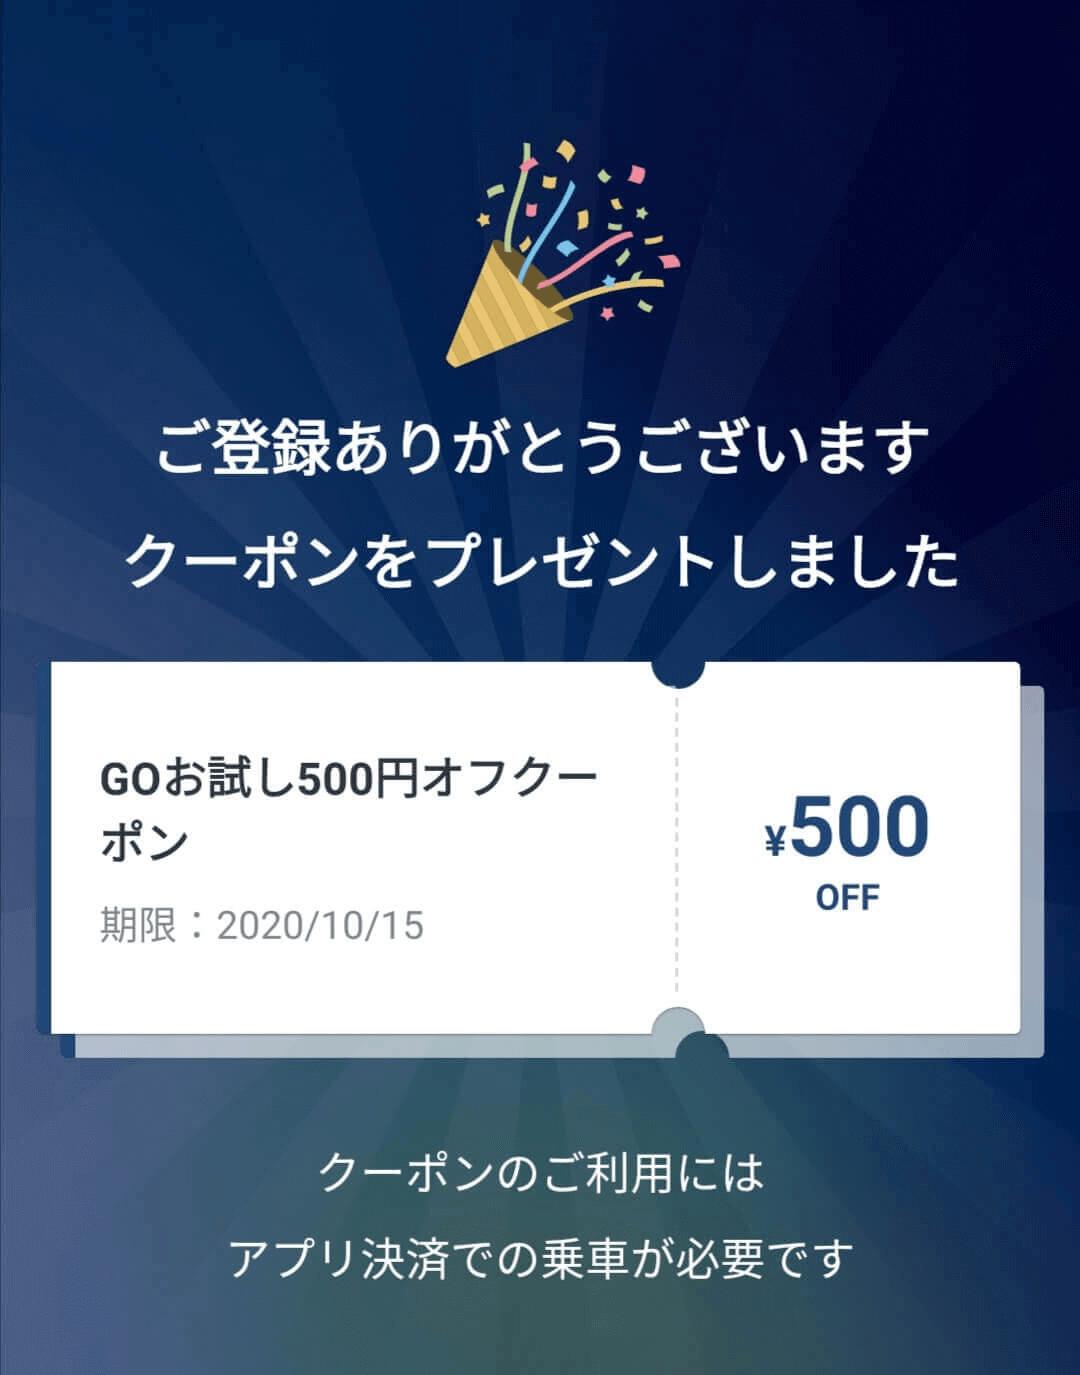 GOユーザー情報入力画面でクーポンコードを入力4